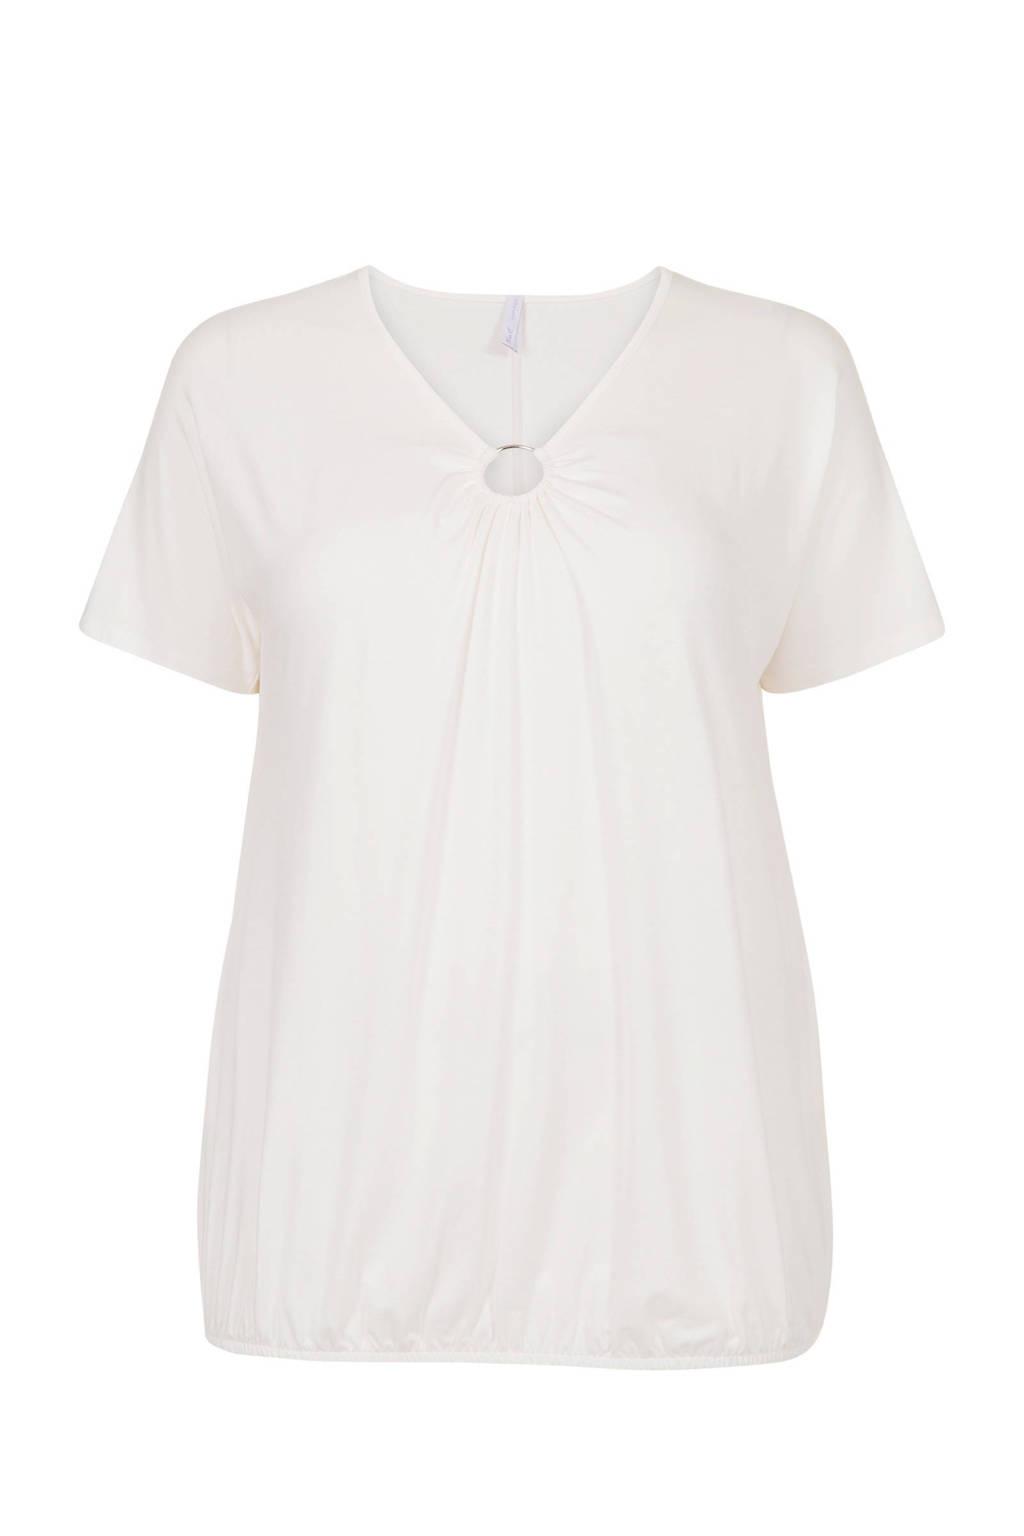 Miss Etam Plus T-shirt wit, Wit